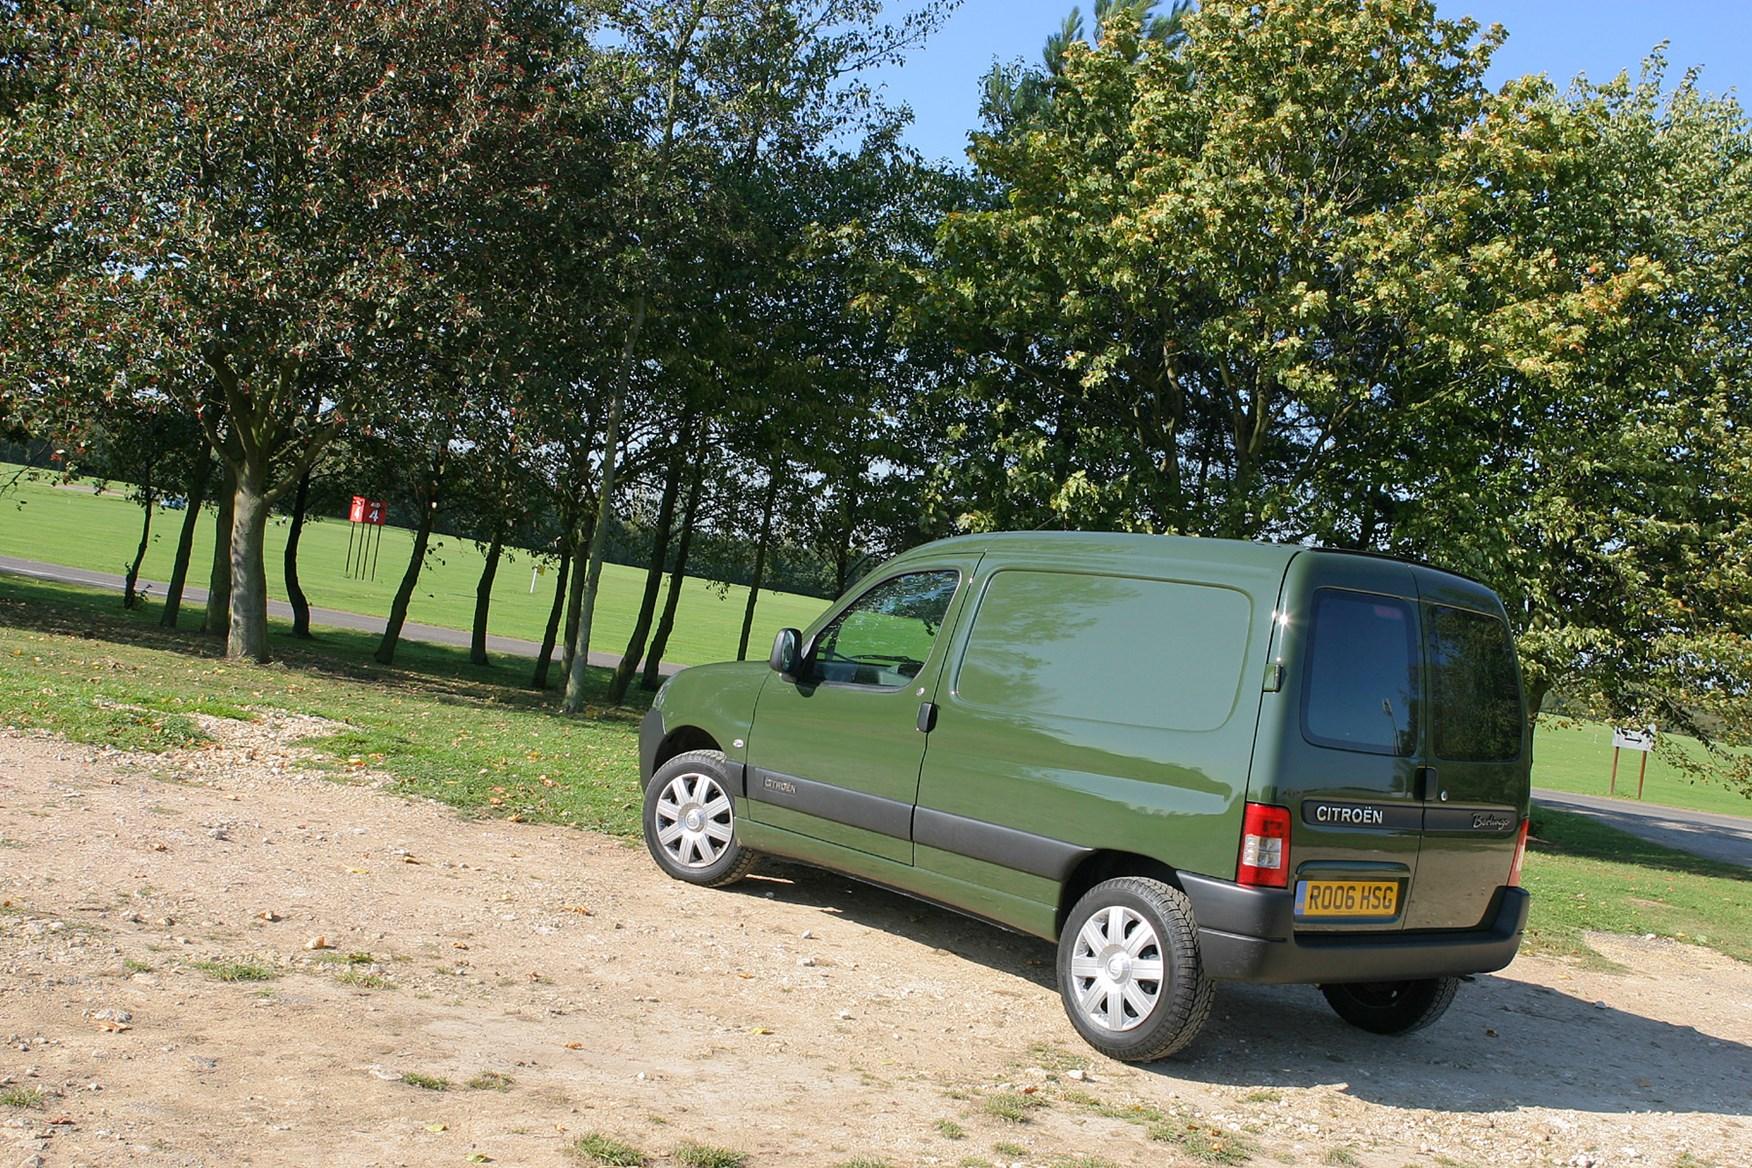 2002-2008 Citroen Berlingo review on Parkers Vans - rear